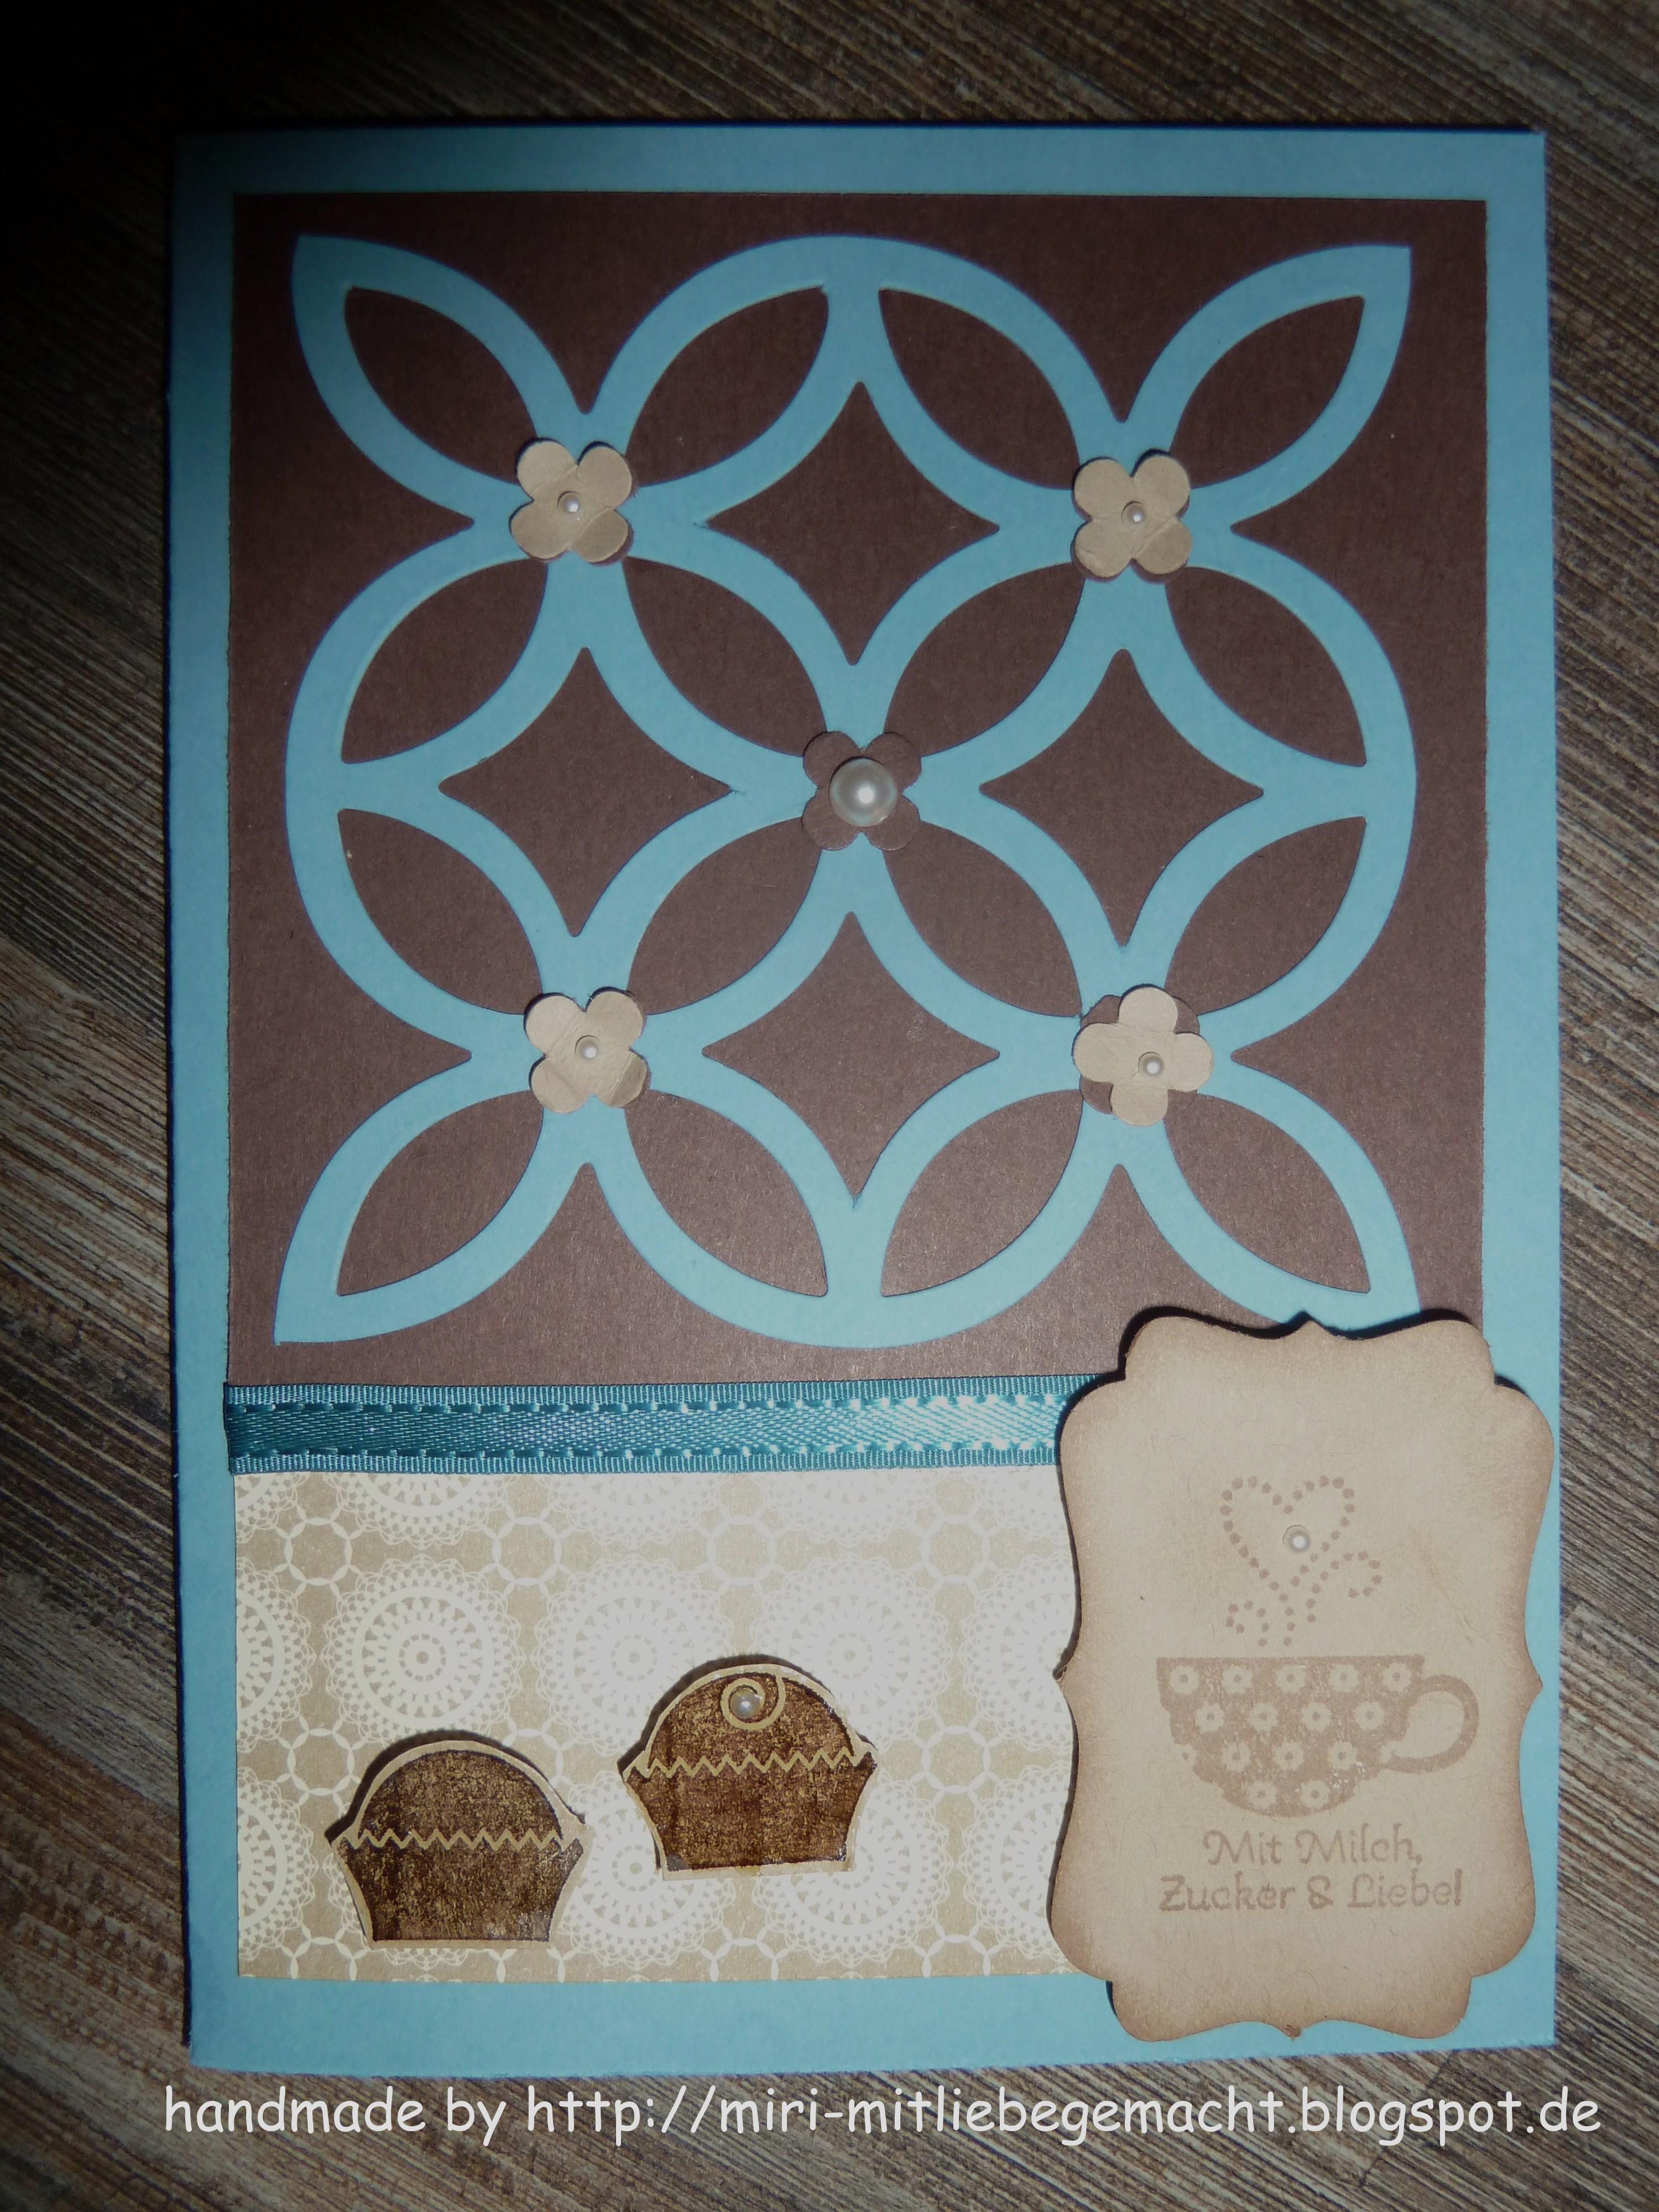 Einladung zum Kaffee-Trinken. . . Stampin Up und Elegantes Gitter mit dekorativem Etikett